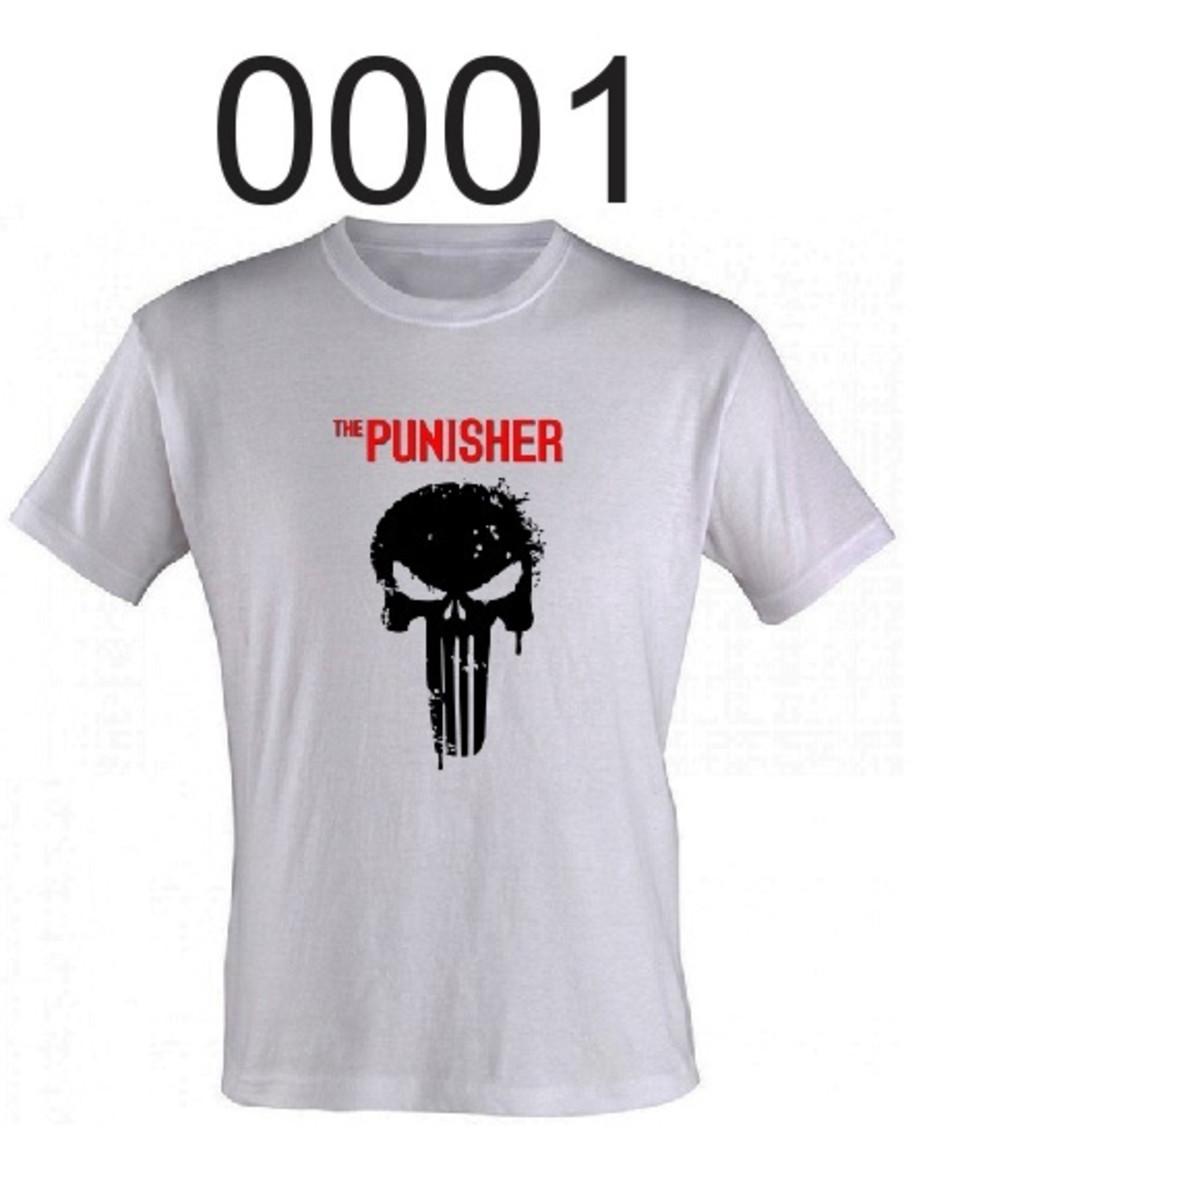 Camisetas branca personalizadas 100% poliéster gola careca no Elo7 ... 3af01b0f7eaa3